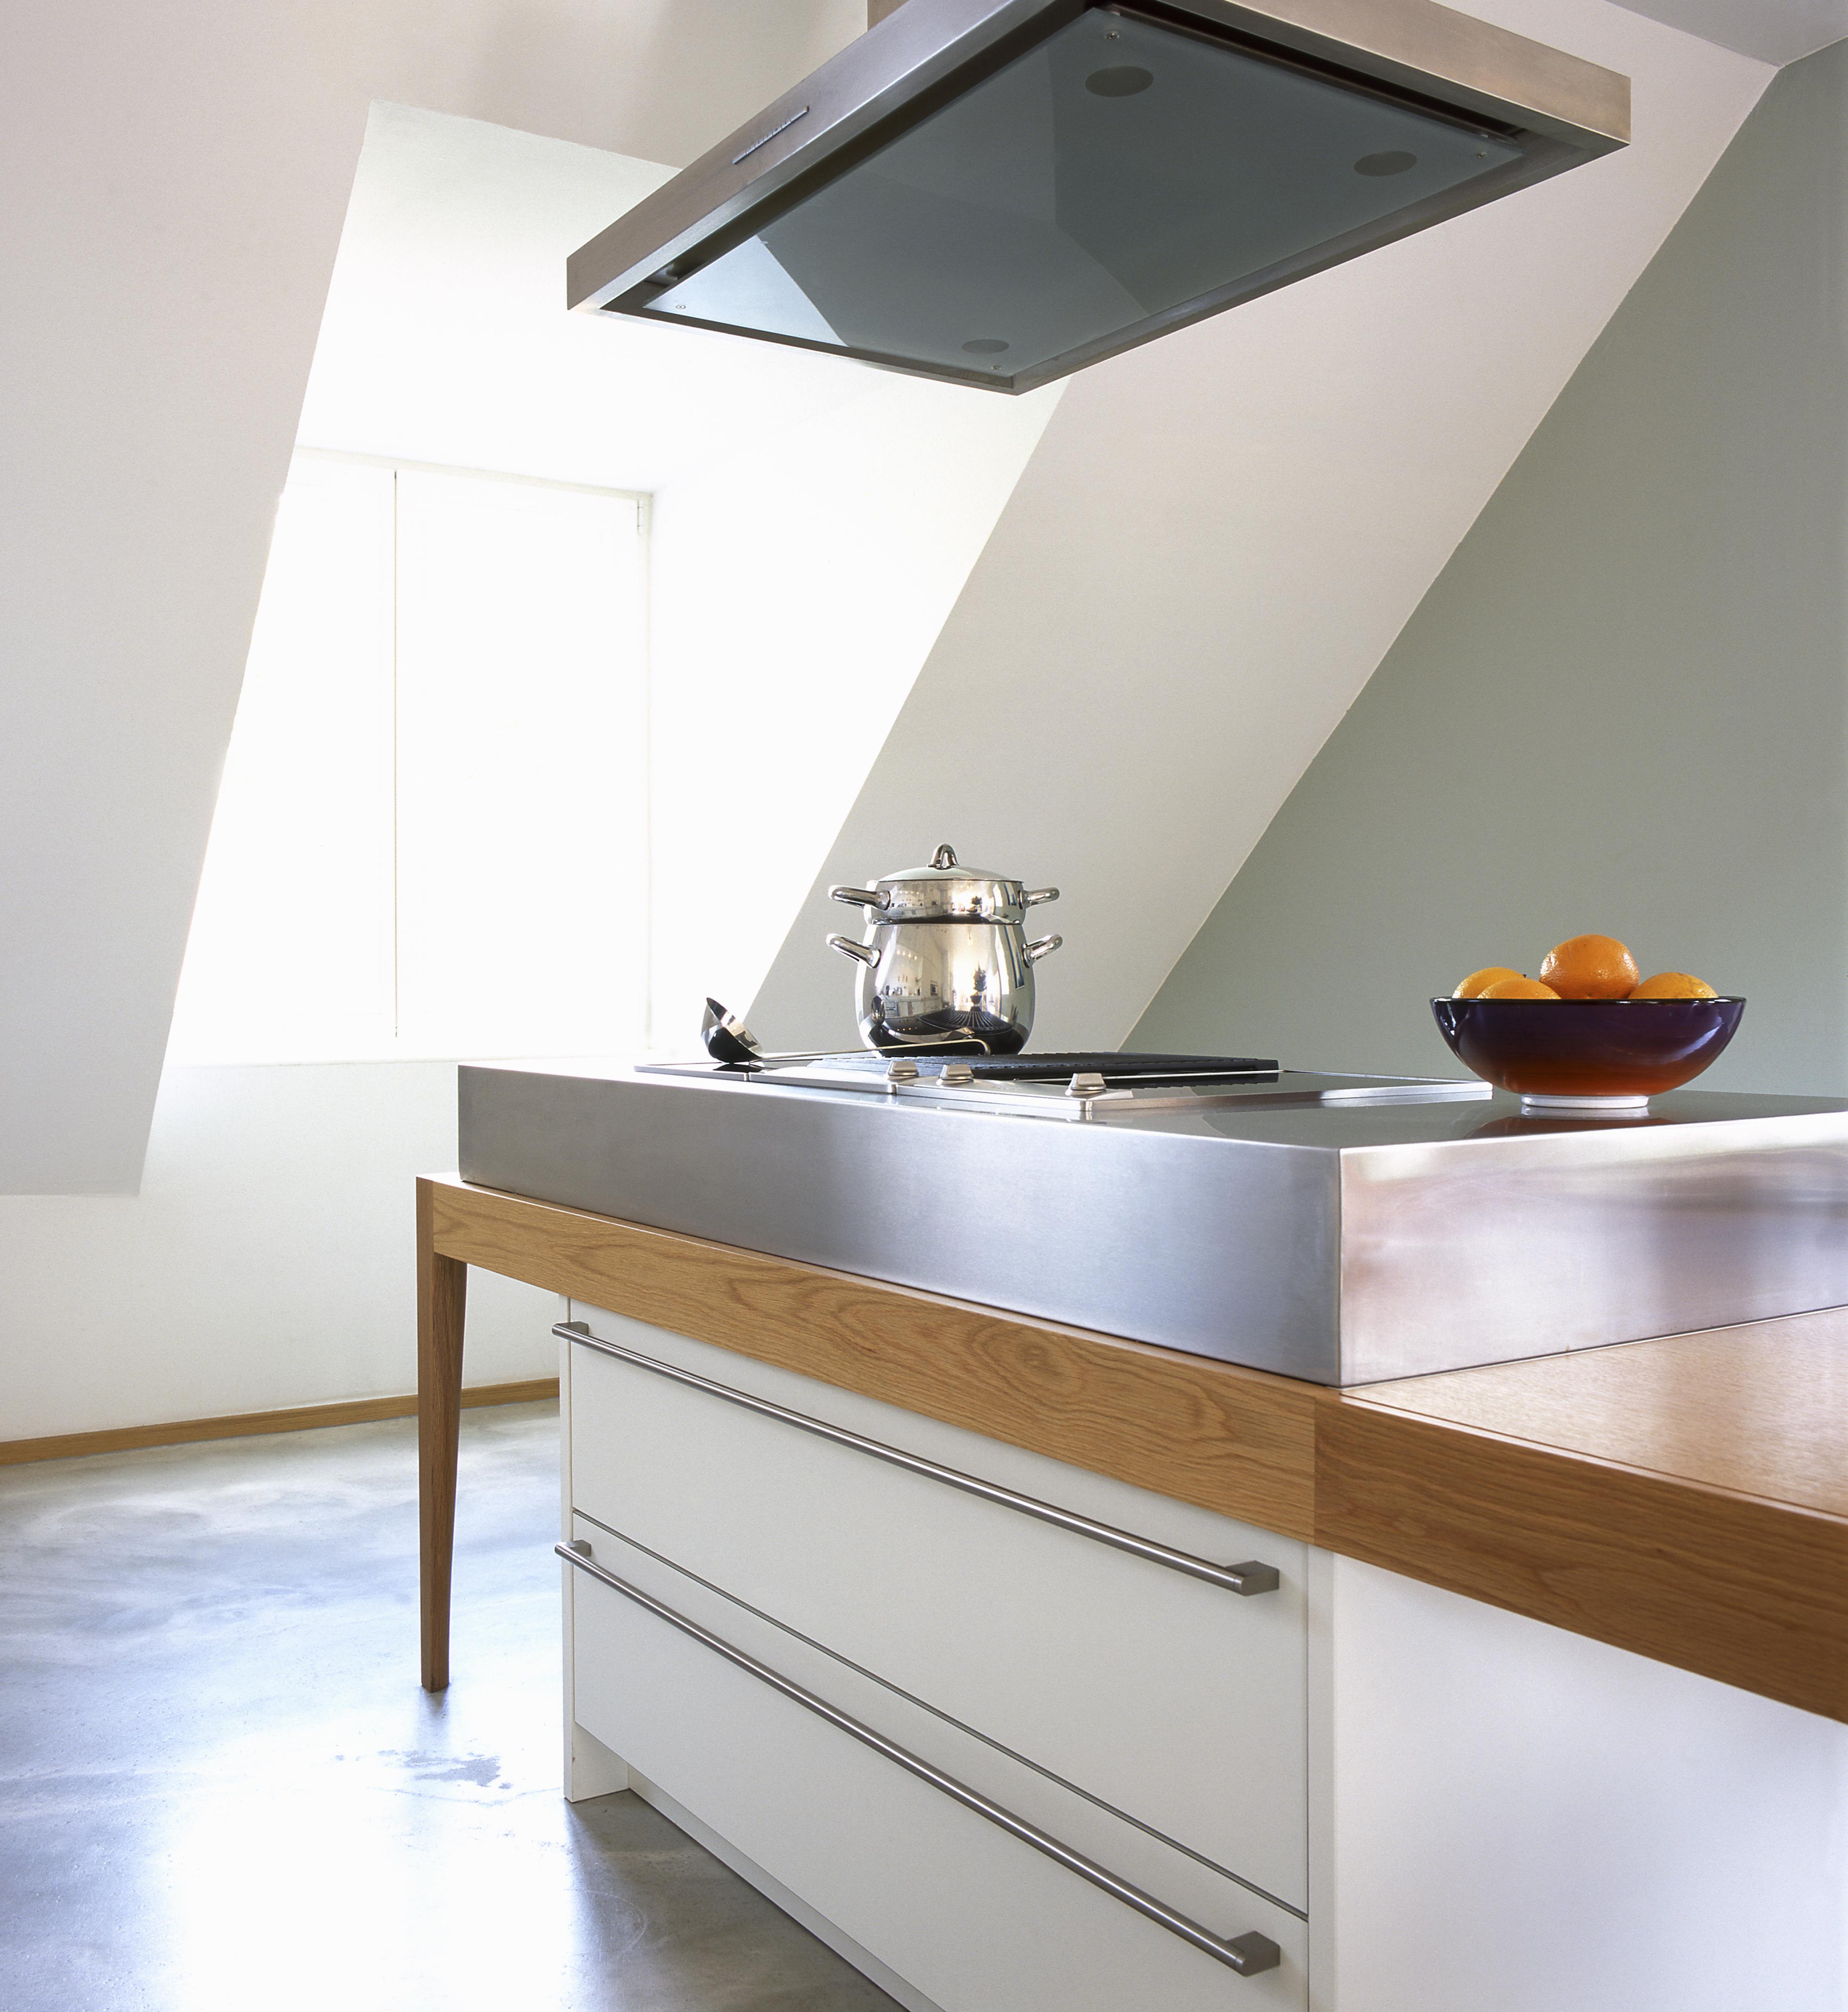 Küche in Wohnraum